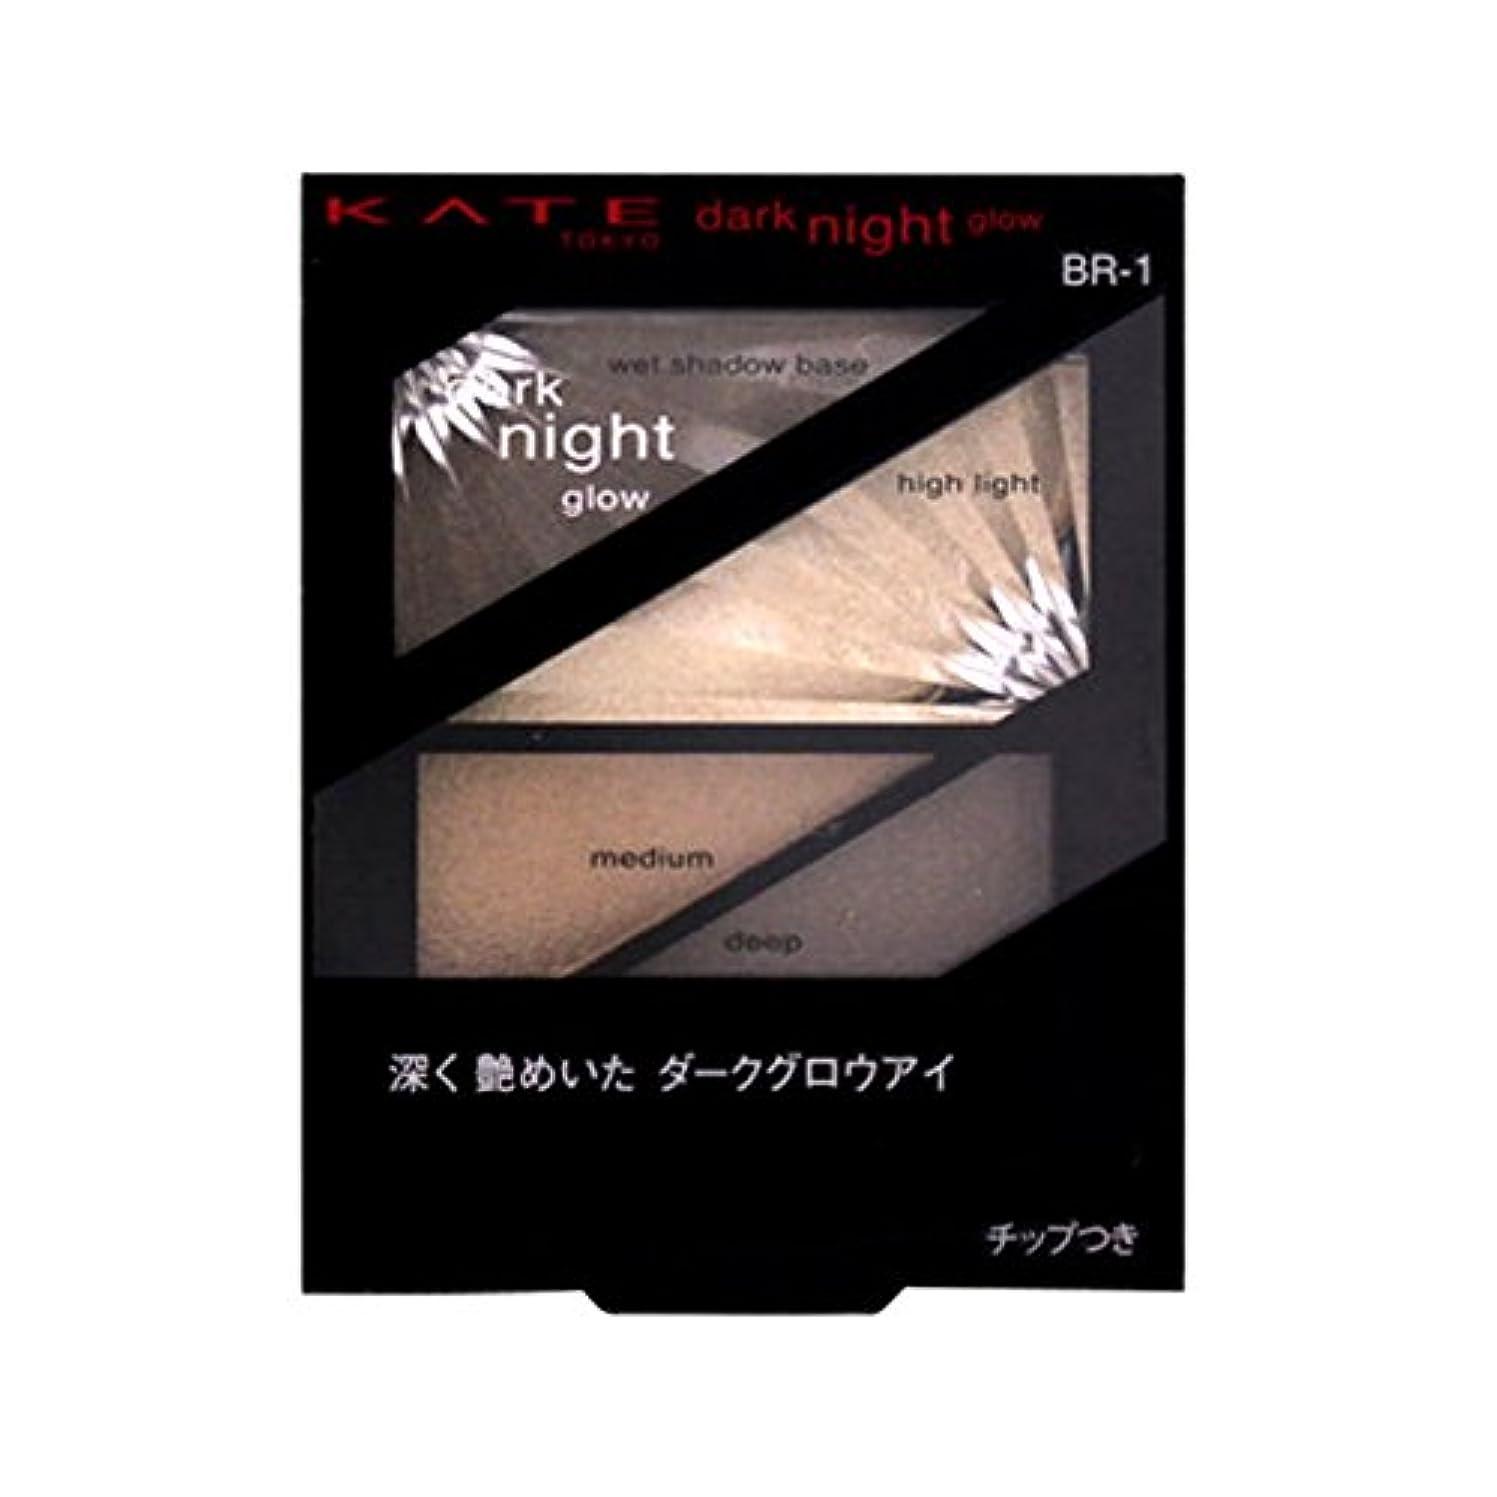 鑑定火山学者変化カネボウ ケイト ダークナイトグロウ BR-1